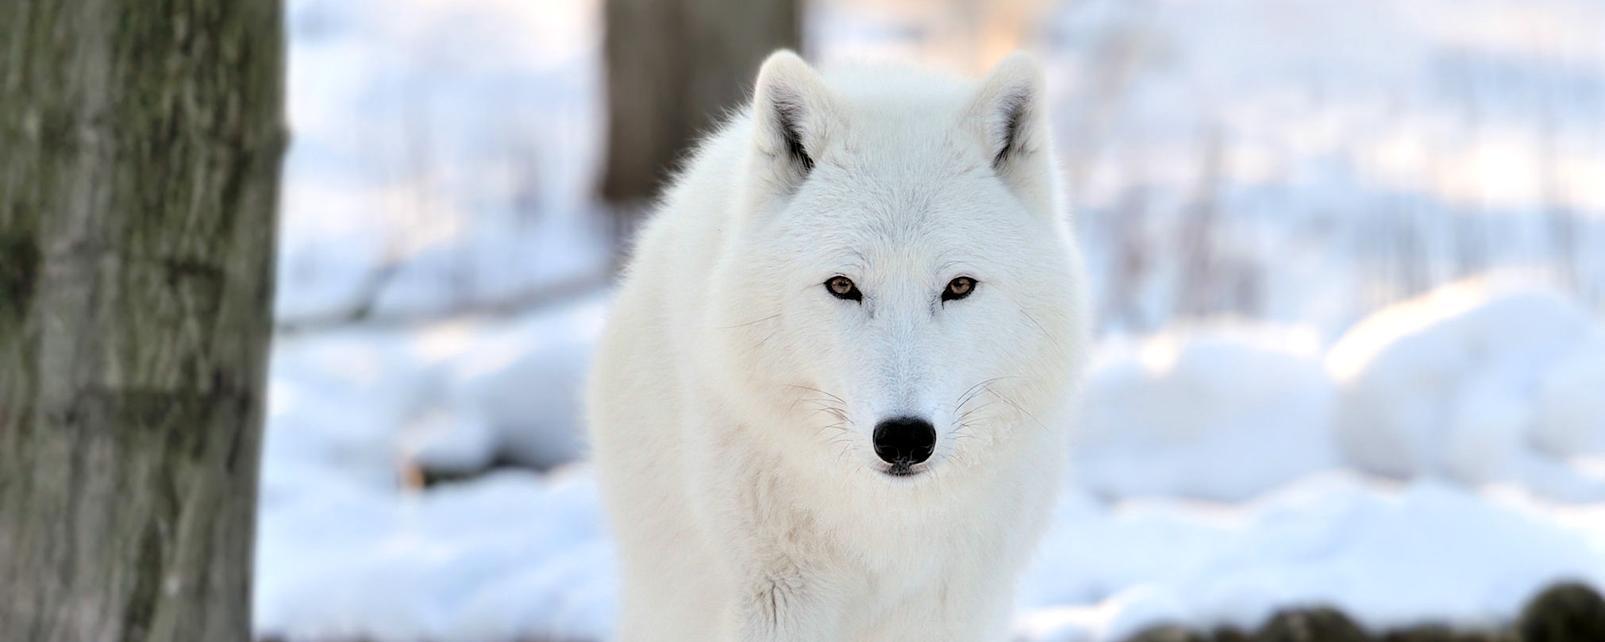 Amérique, Amérique du Nord, Canada, Saskatchewan, loup, mammifère, faune, animal